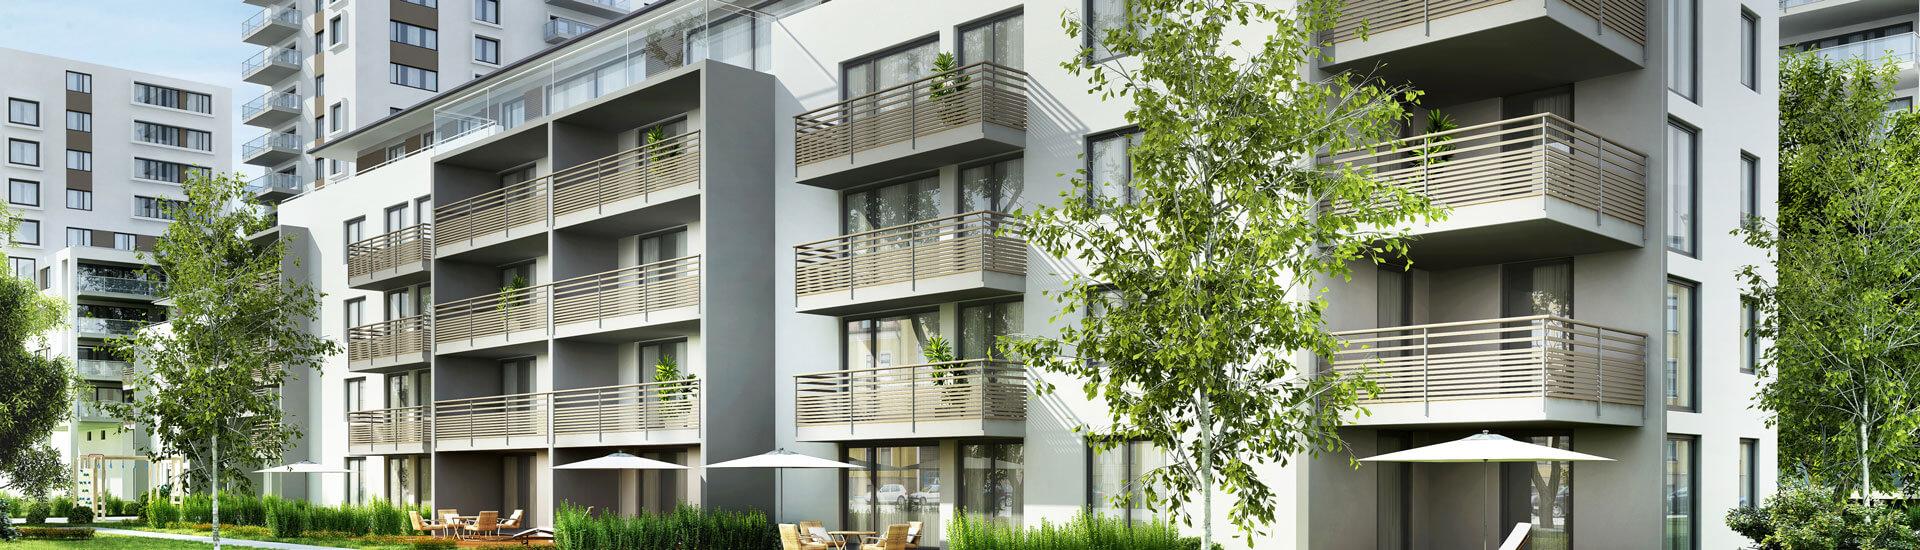 anlegerwohnung-kaufen-oben-immobilien